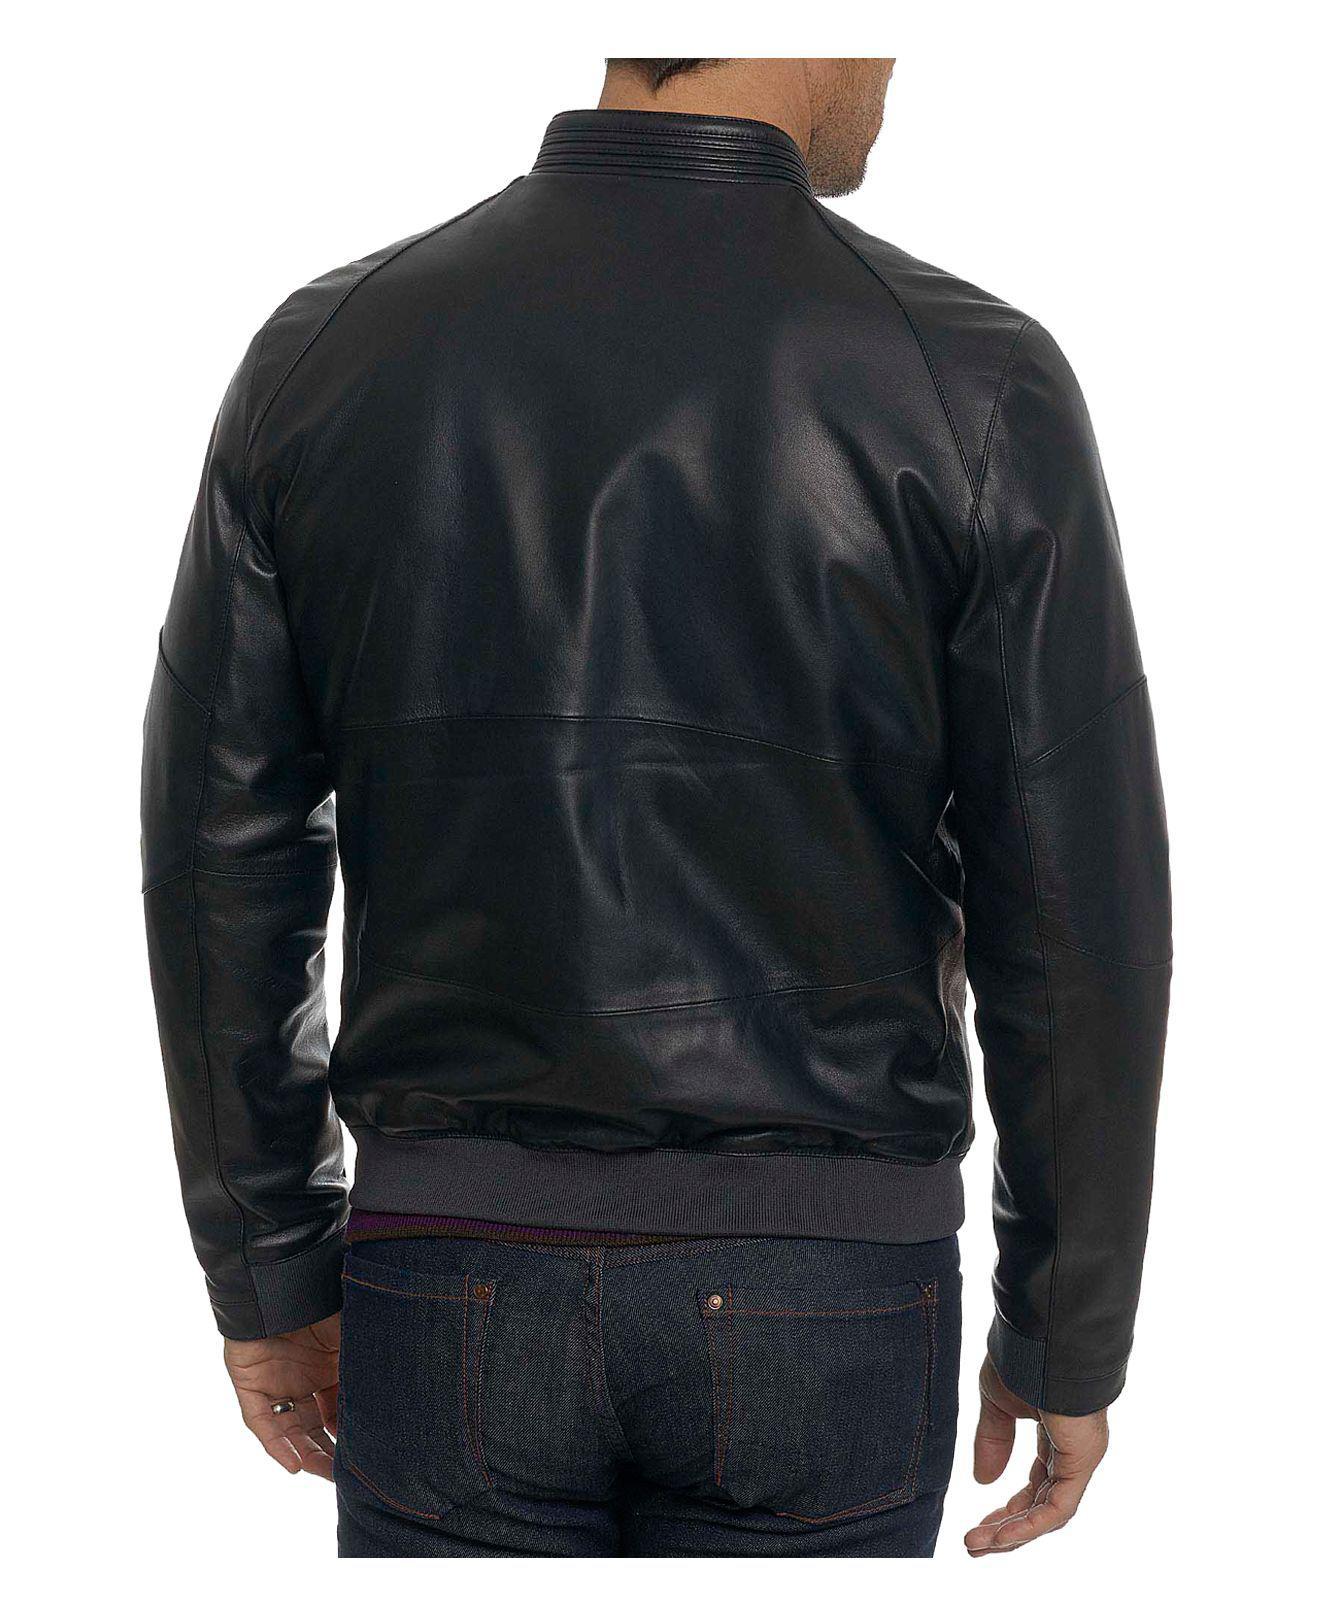 Robert Graham Massena Leather Bomber Jacket in Black for Men